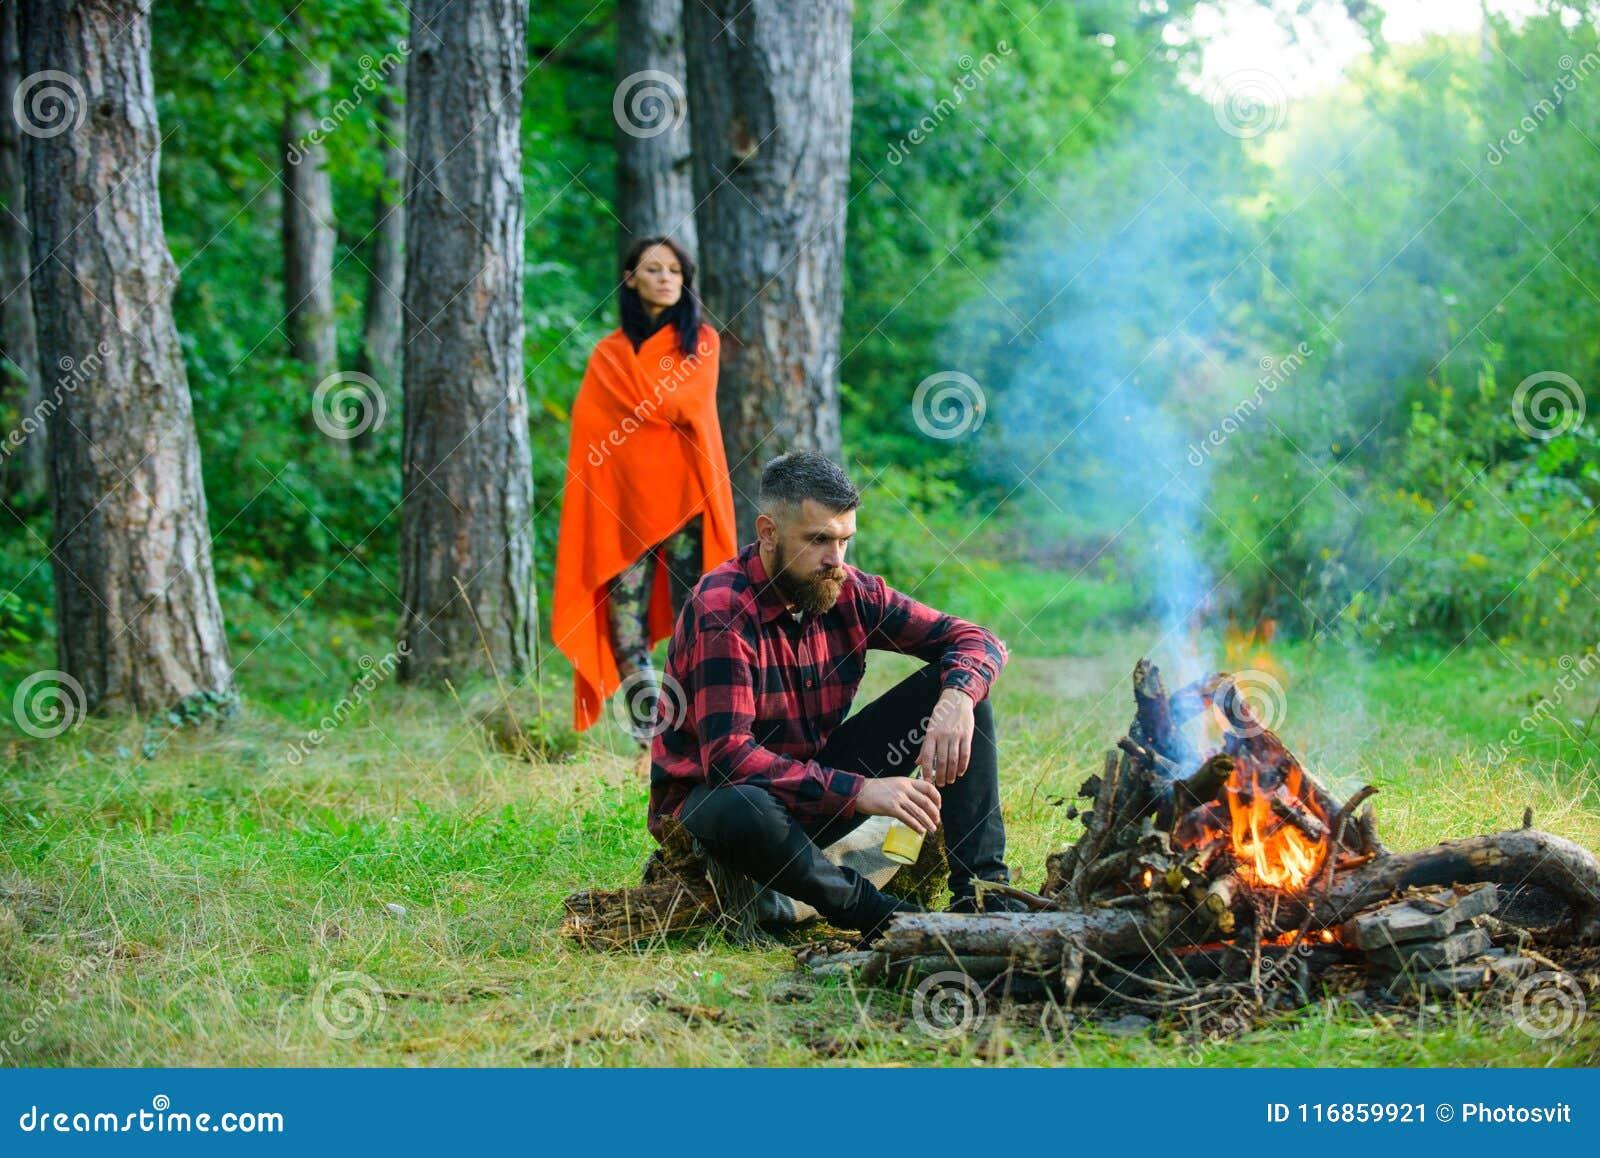 Macho met bierzitting dichtbij vuur, vakantie met vrouw